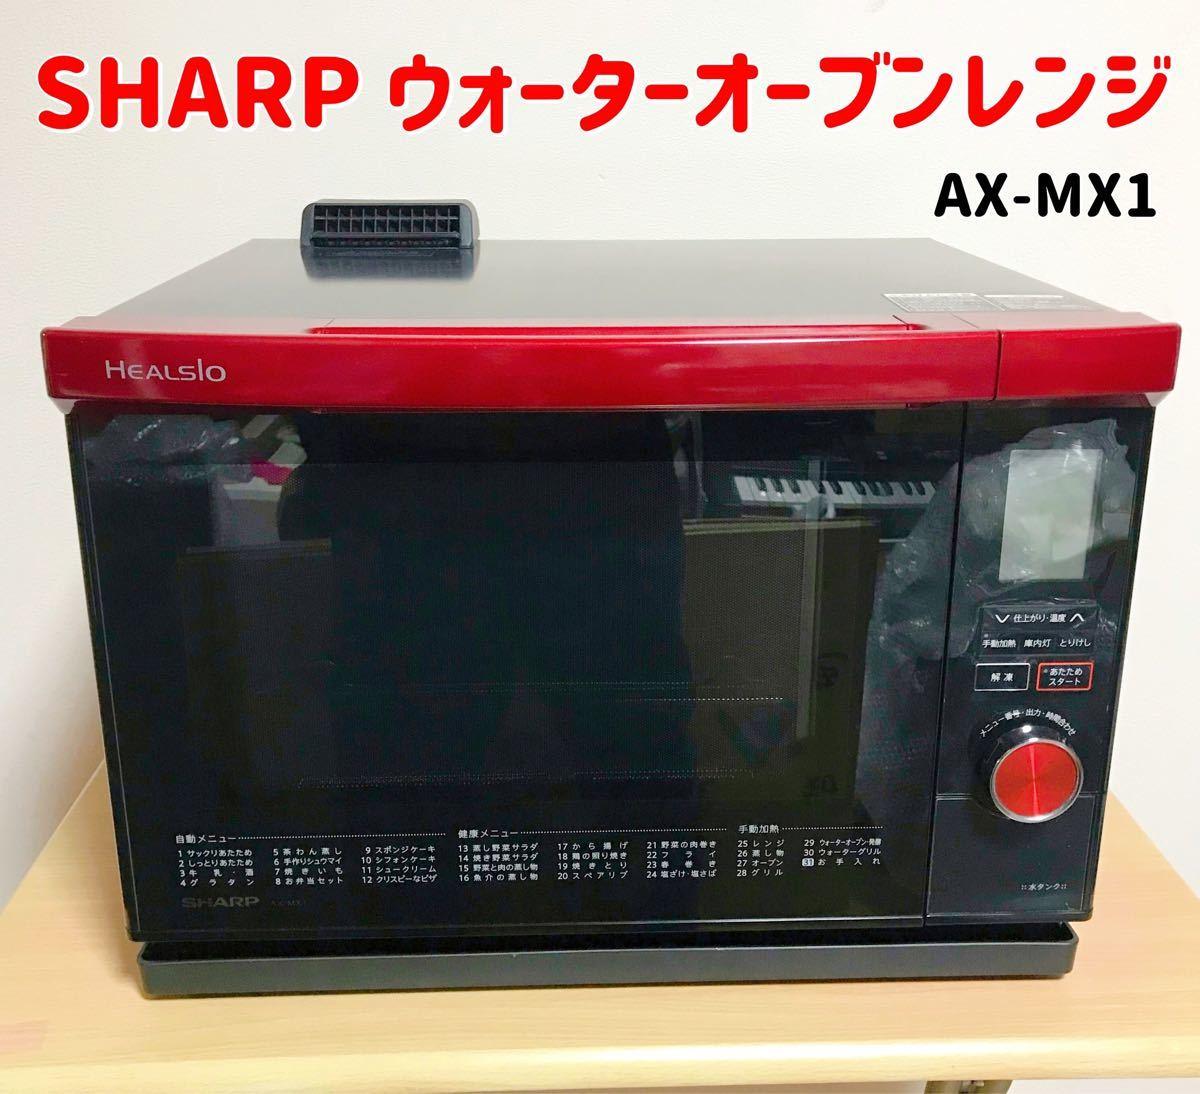 【ほぼ新品】SHARP ウォーターオーブンレンジ AX-MX1